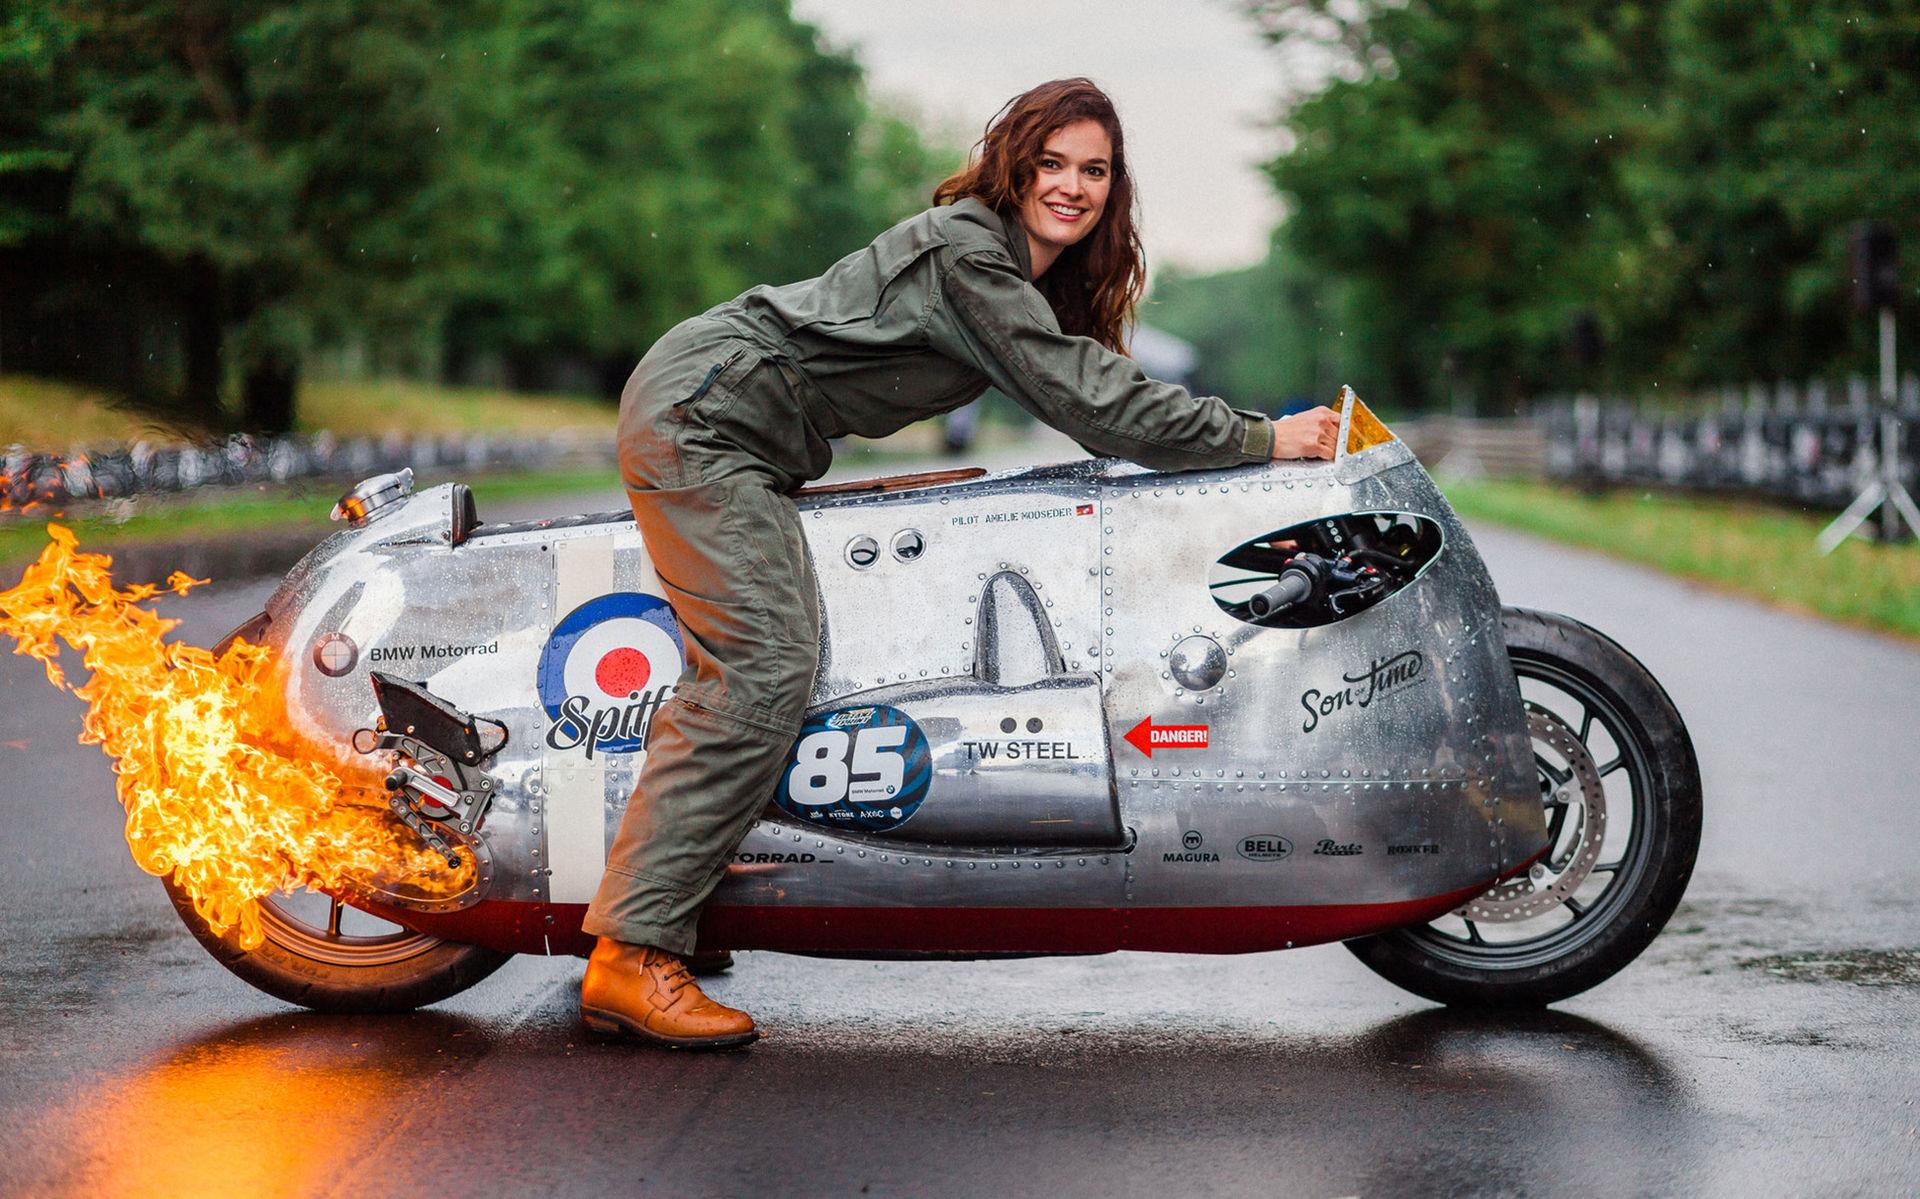 Custombåge inspirerad av Spitfire